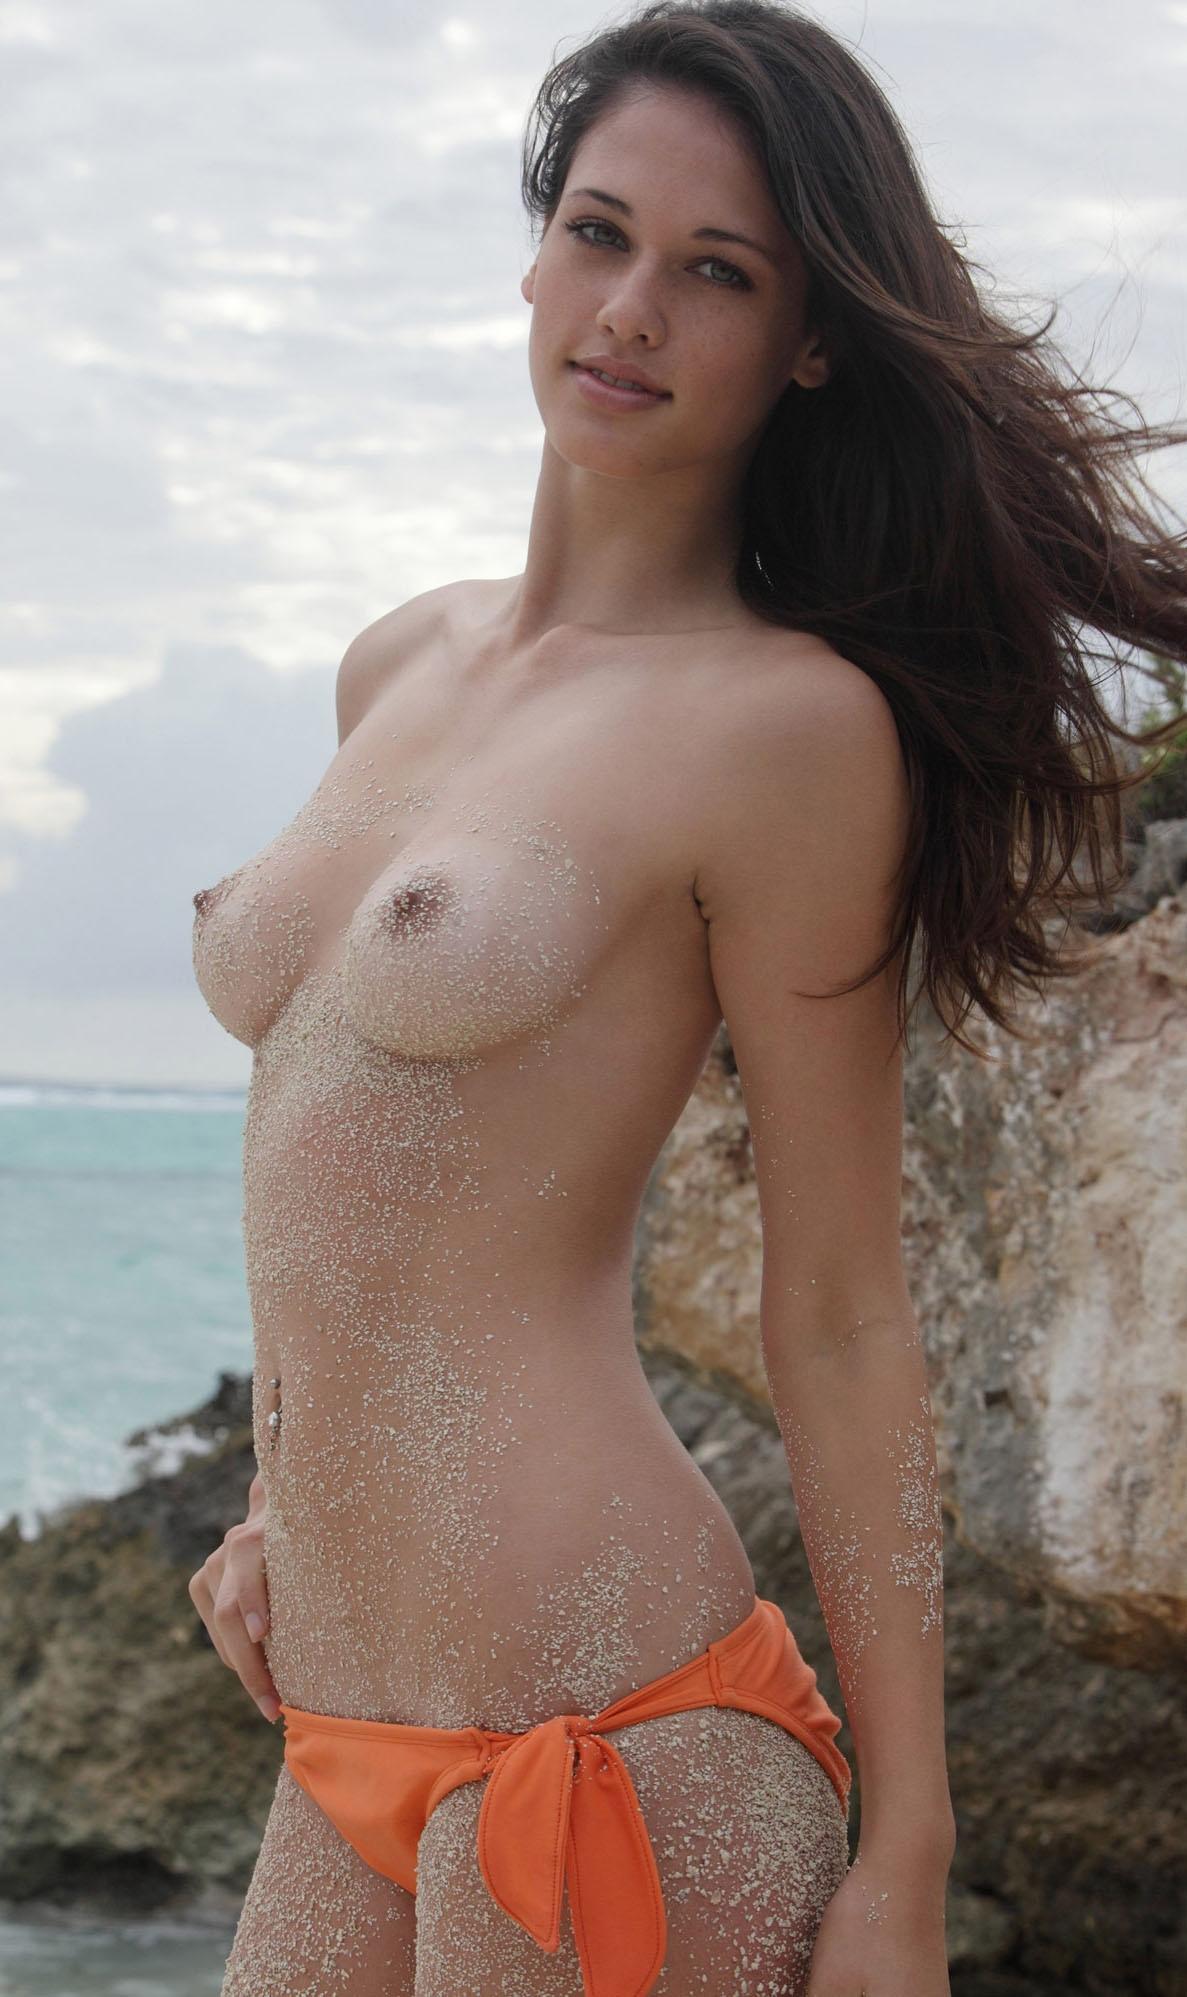 Красиво вытекающая сперма из девушек  Частное фото